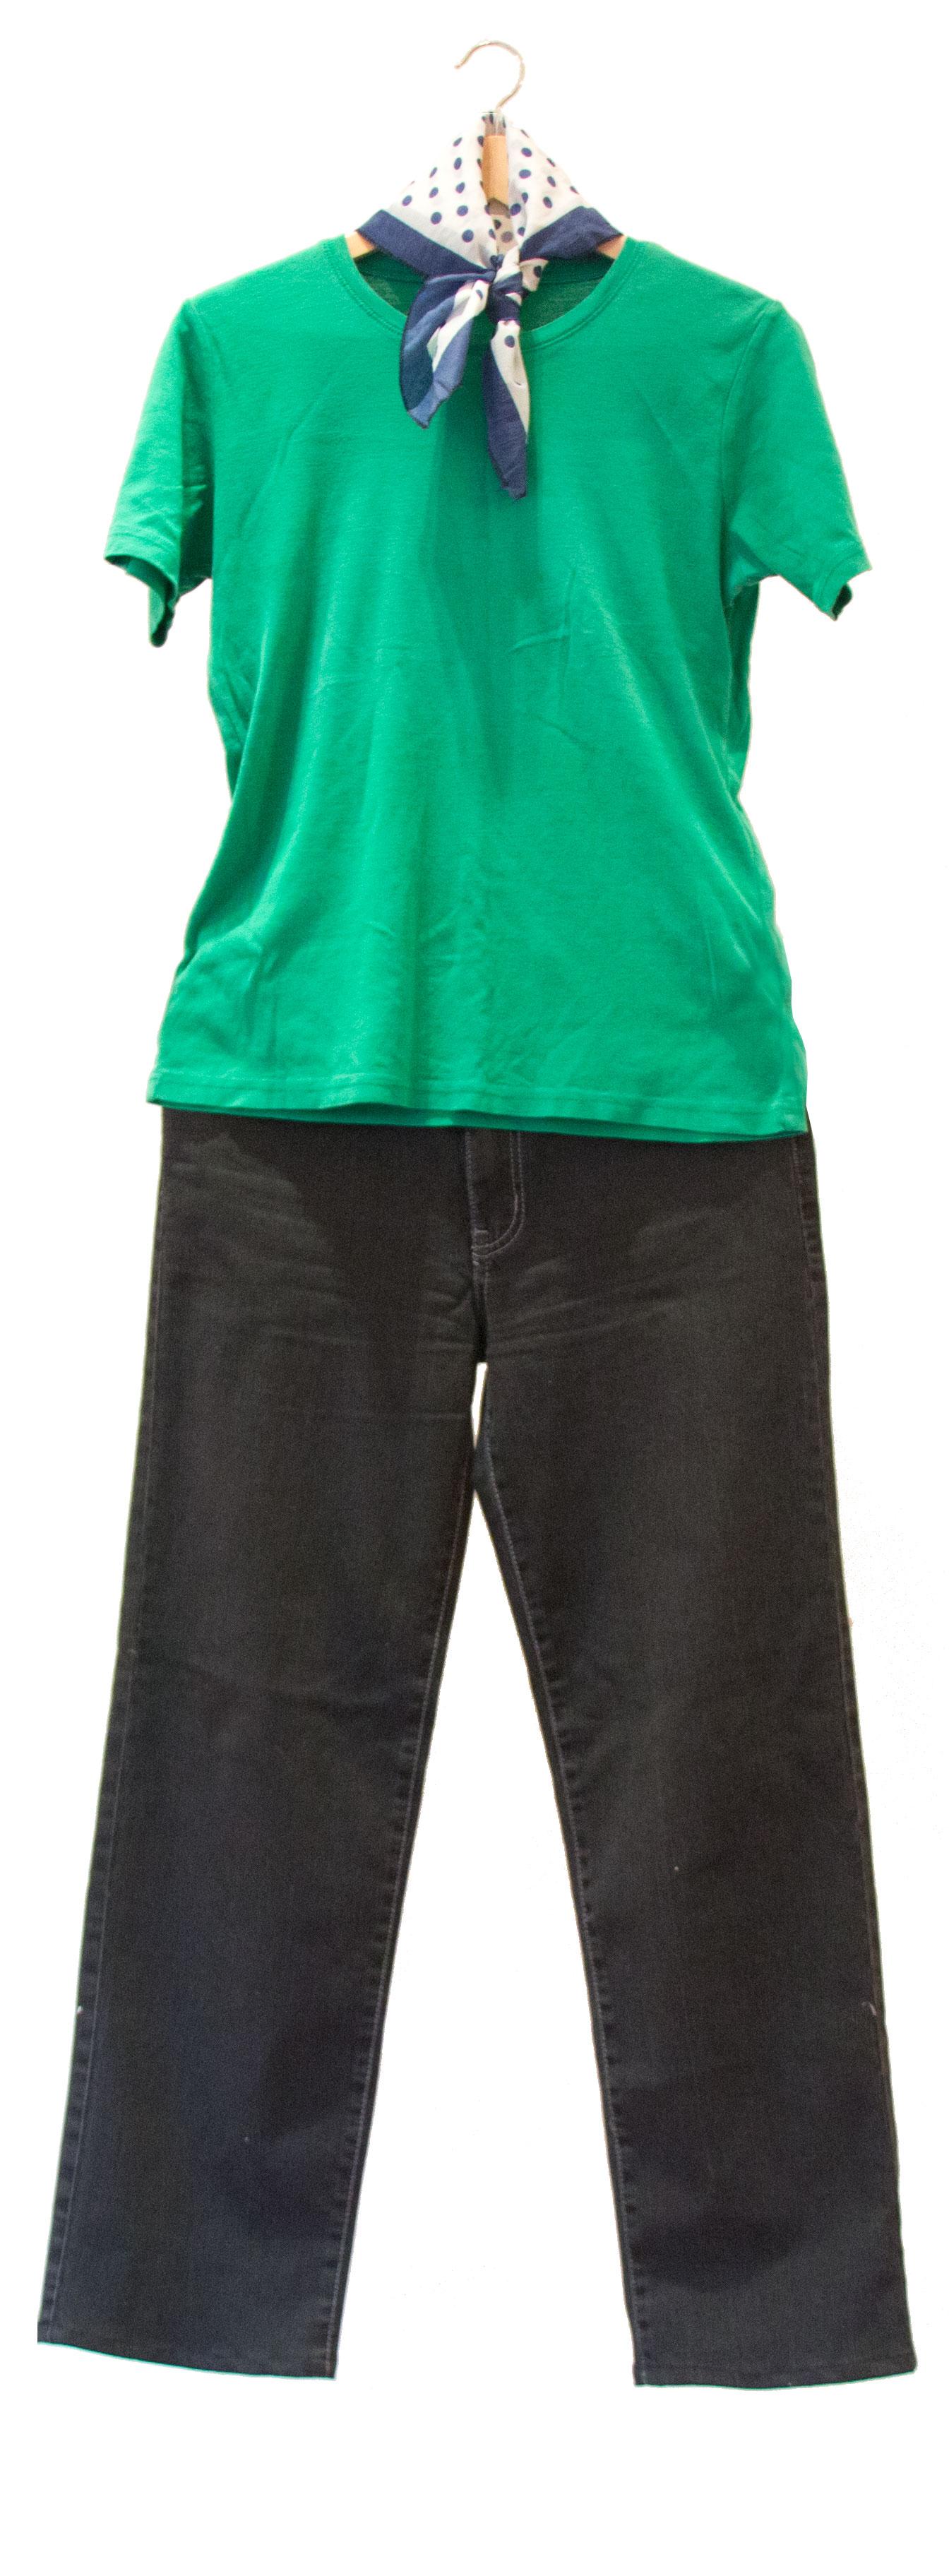 Одежда Ирис, переданная в общество по борьбе с насилием против женщин